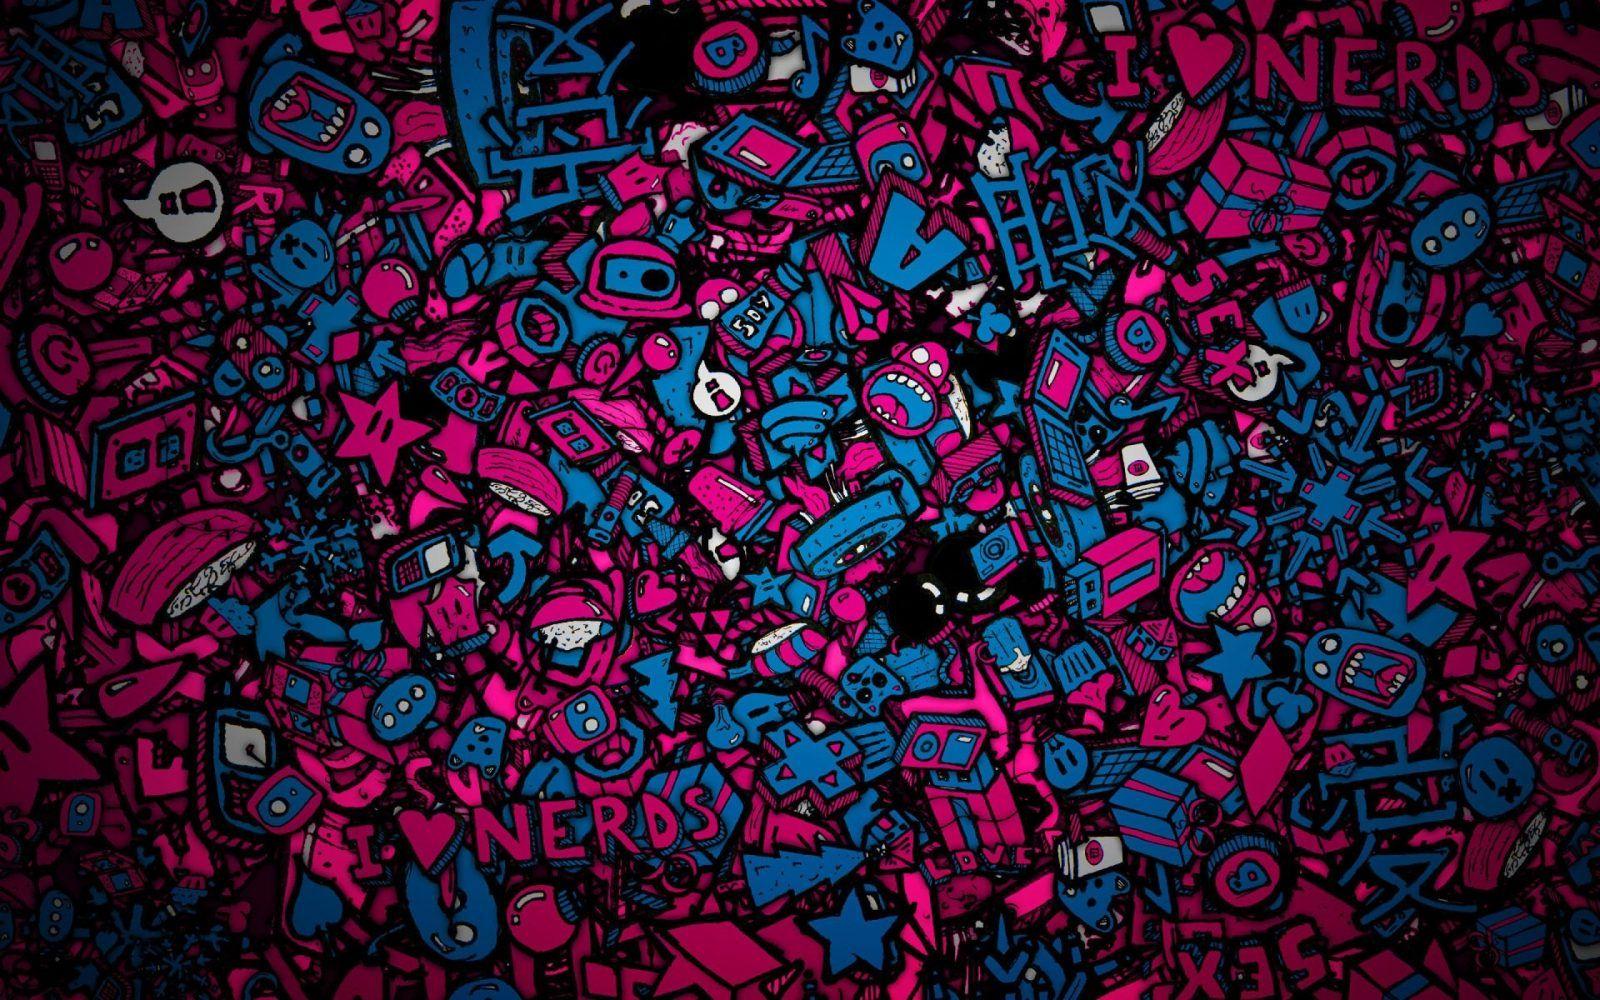 Abstract Wallpapers Hd Ipad Air Wallpaper Abstract Wallpaper Backgrounds Iphone 5s Wallpaper